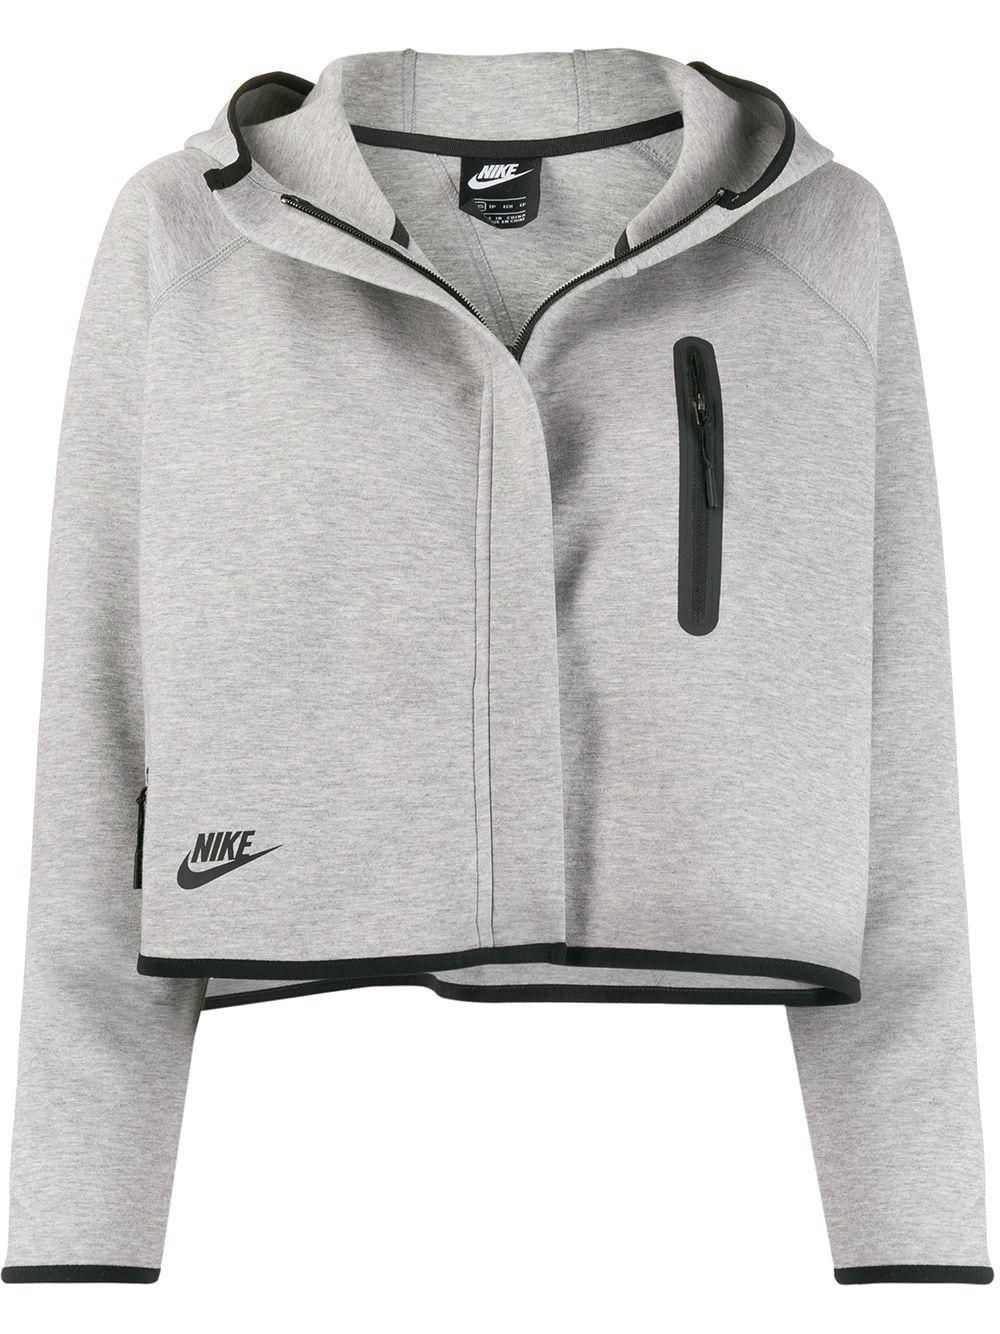 Nike Tech Fleece cropped hooded jacket Grey in 2020